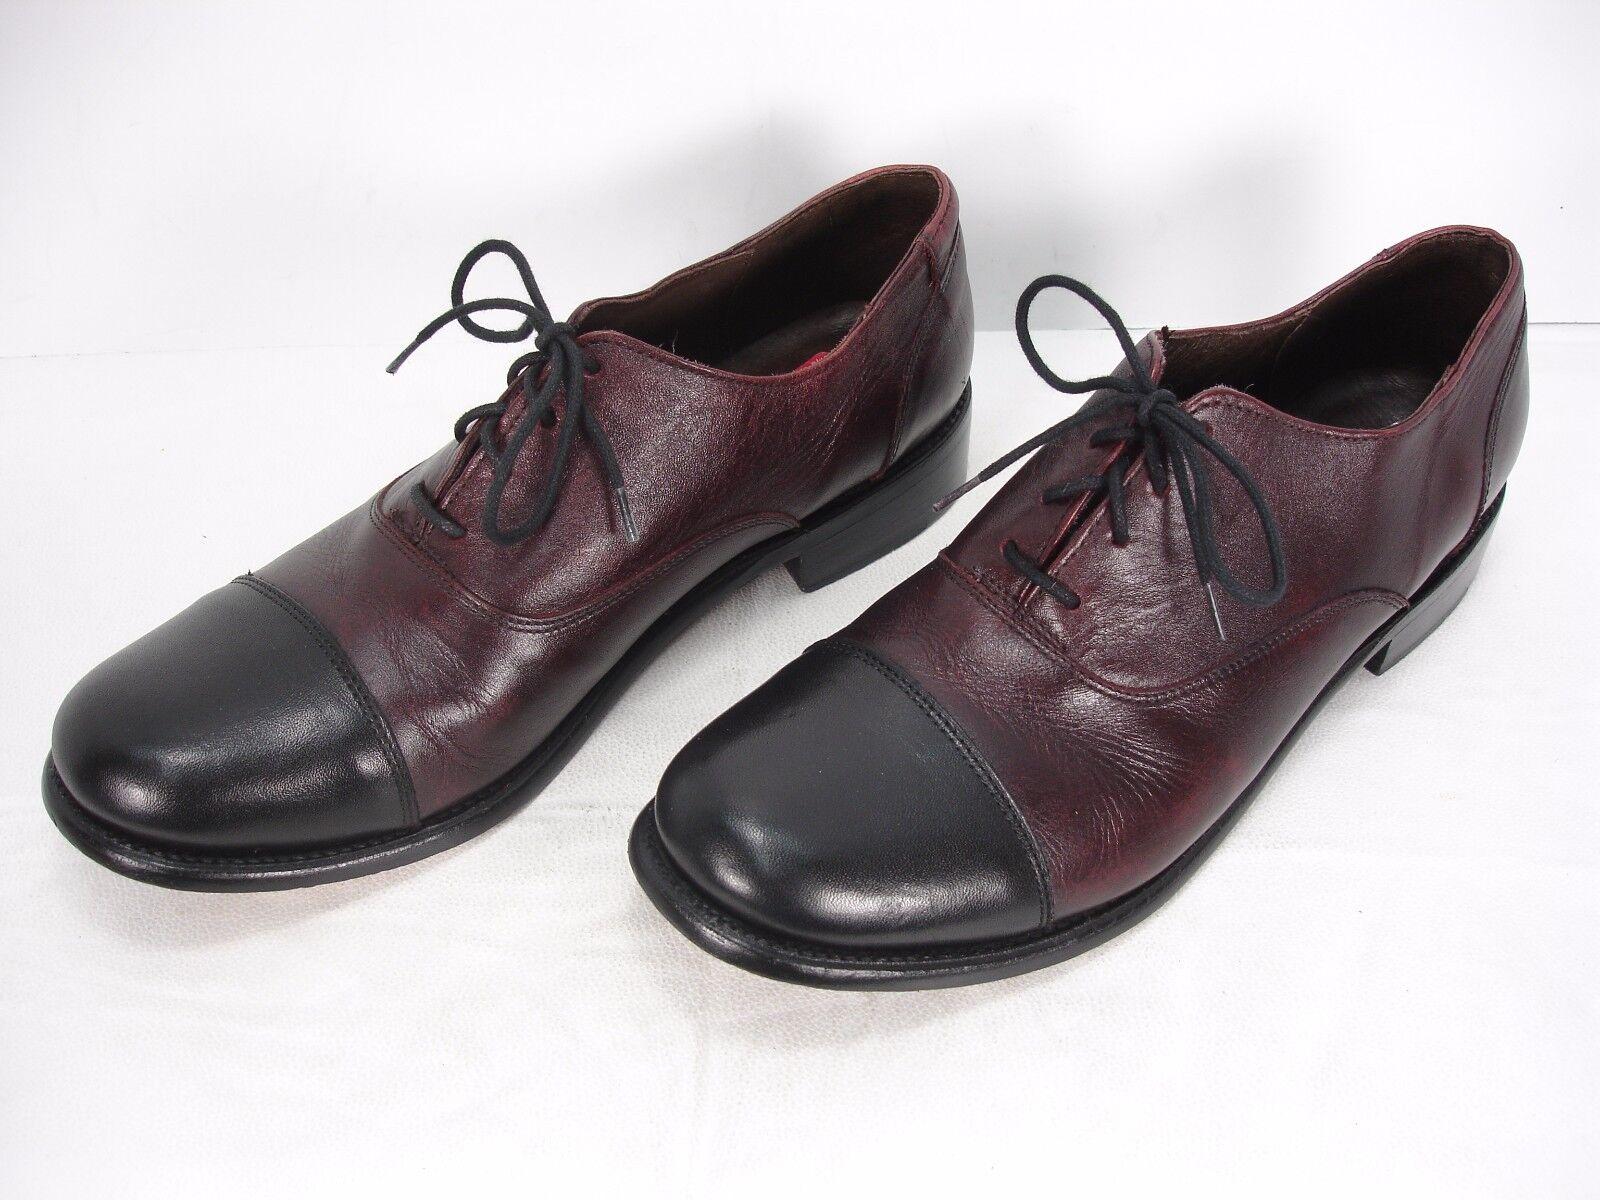 fino al 42% di sconto J.D. FISK 2 TONE LEATHER LEATHER LEATHER LACE UP CAP TOE OXFORD DRESS scarpe uomo 9.5  basso prezzo del 40%